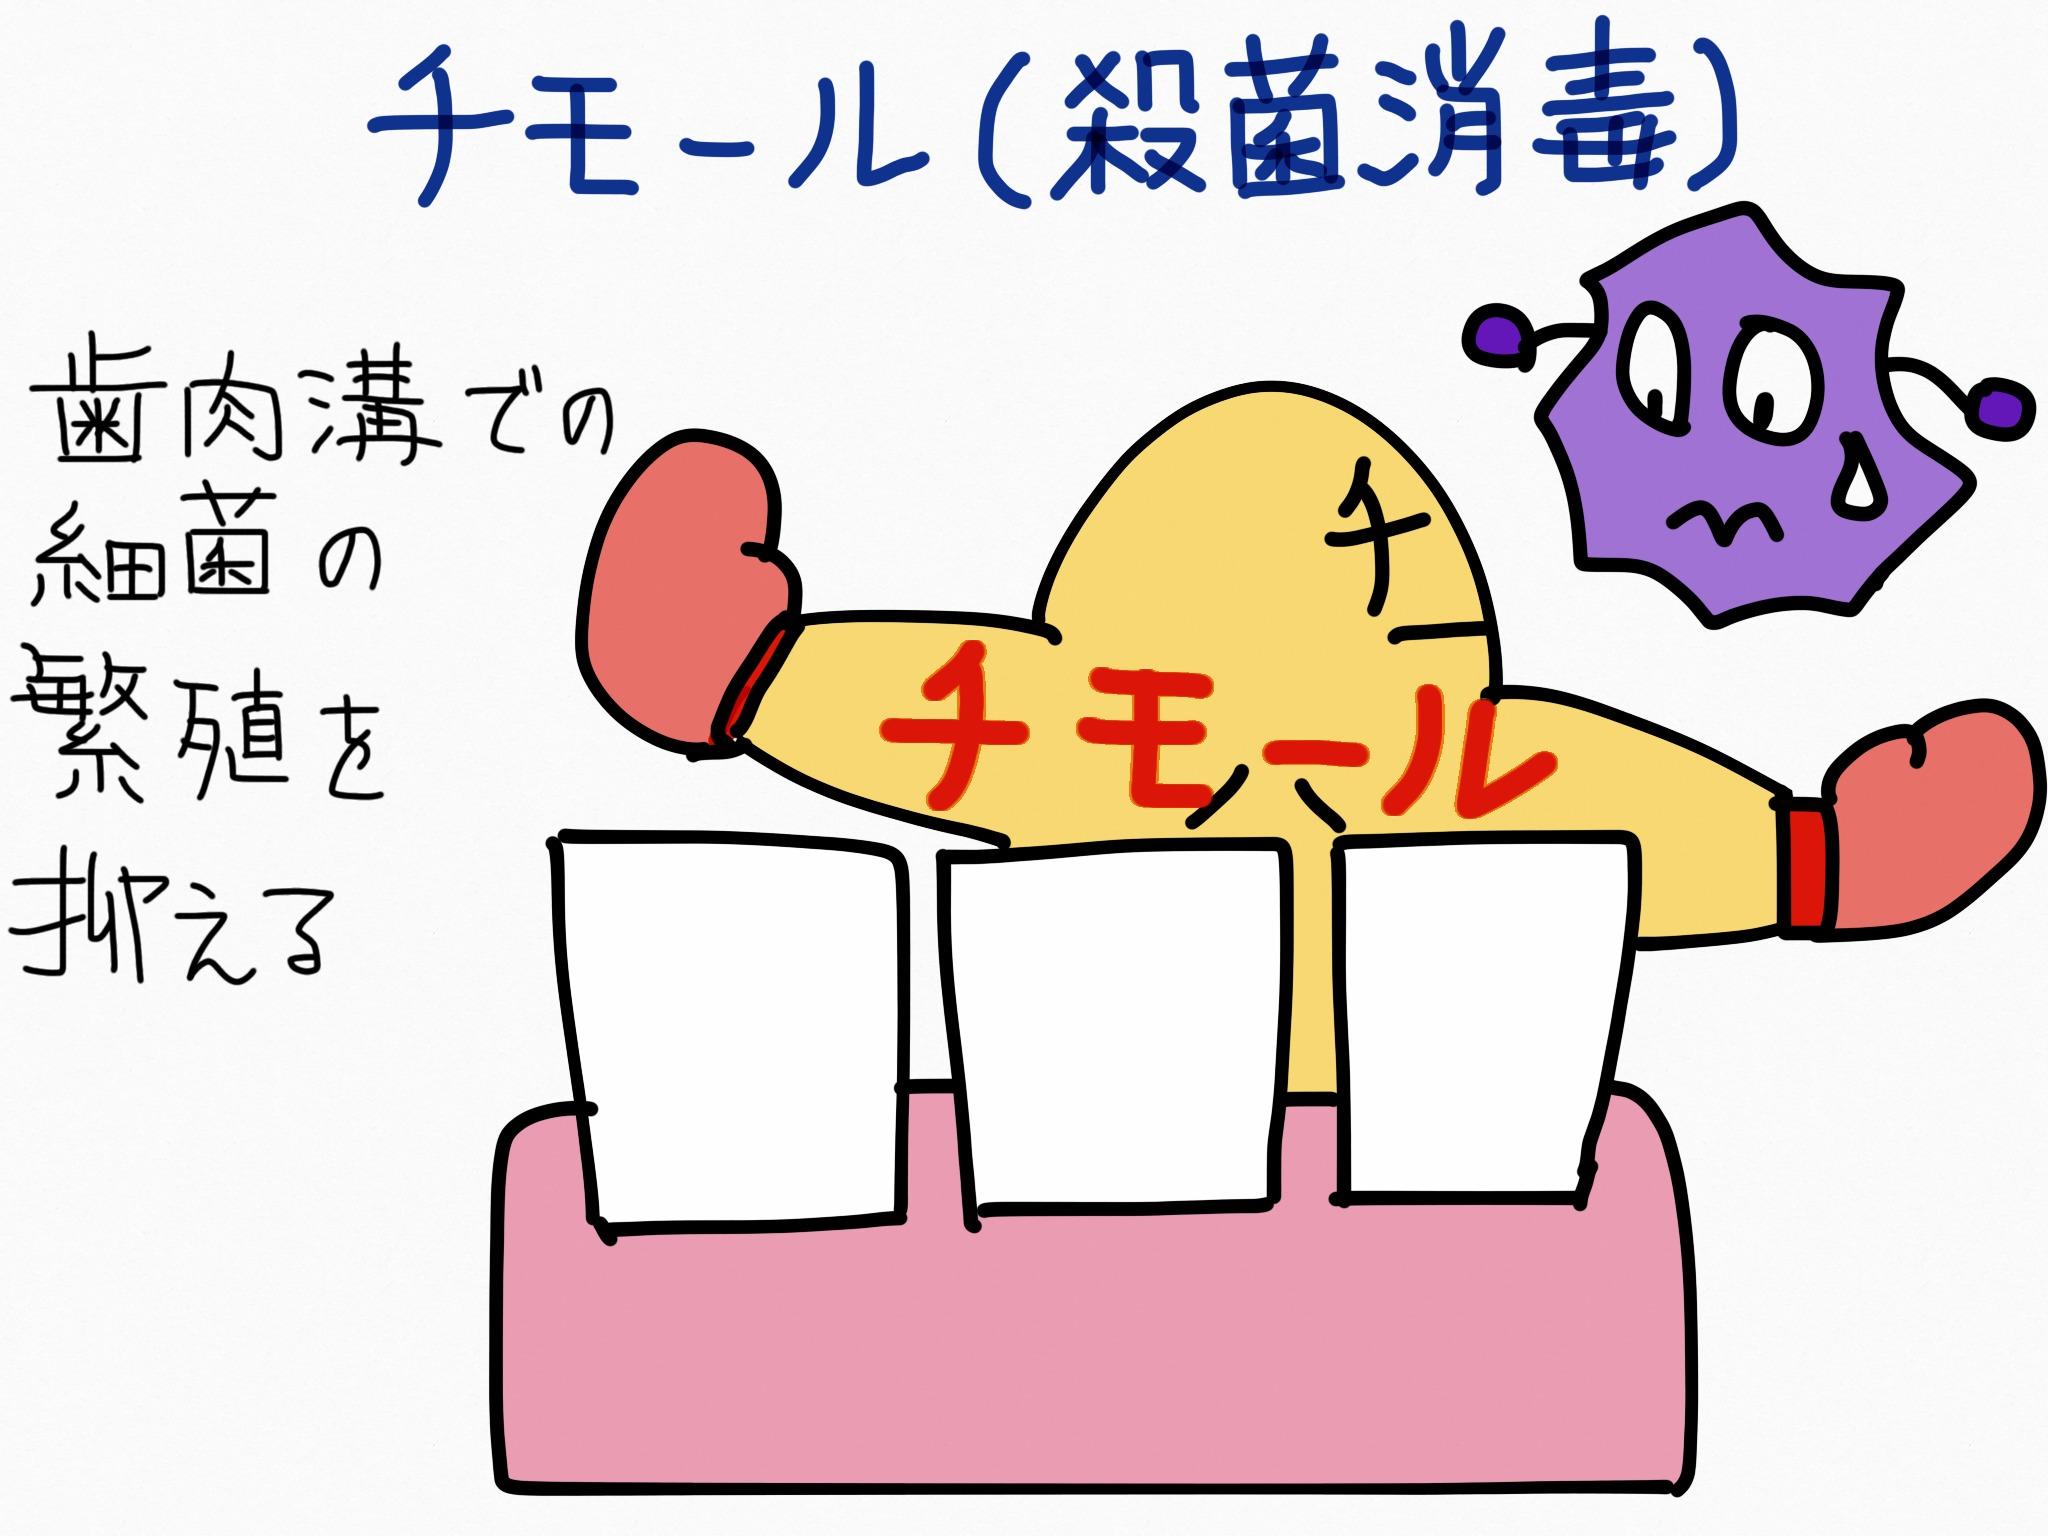 チモール・殺菌消毒成分の覚え方